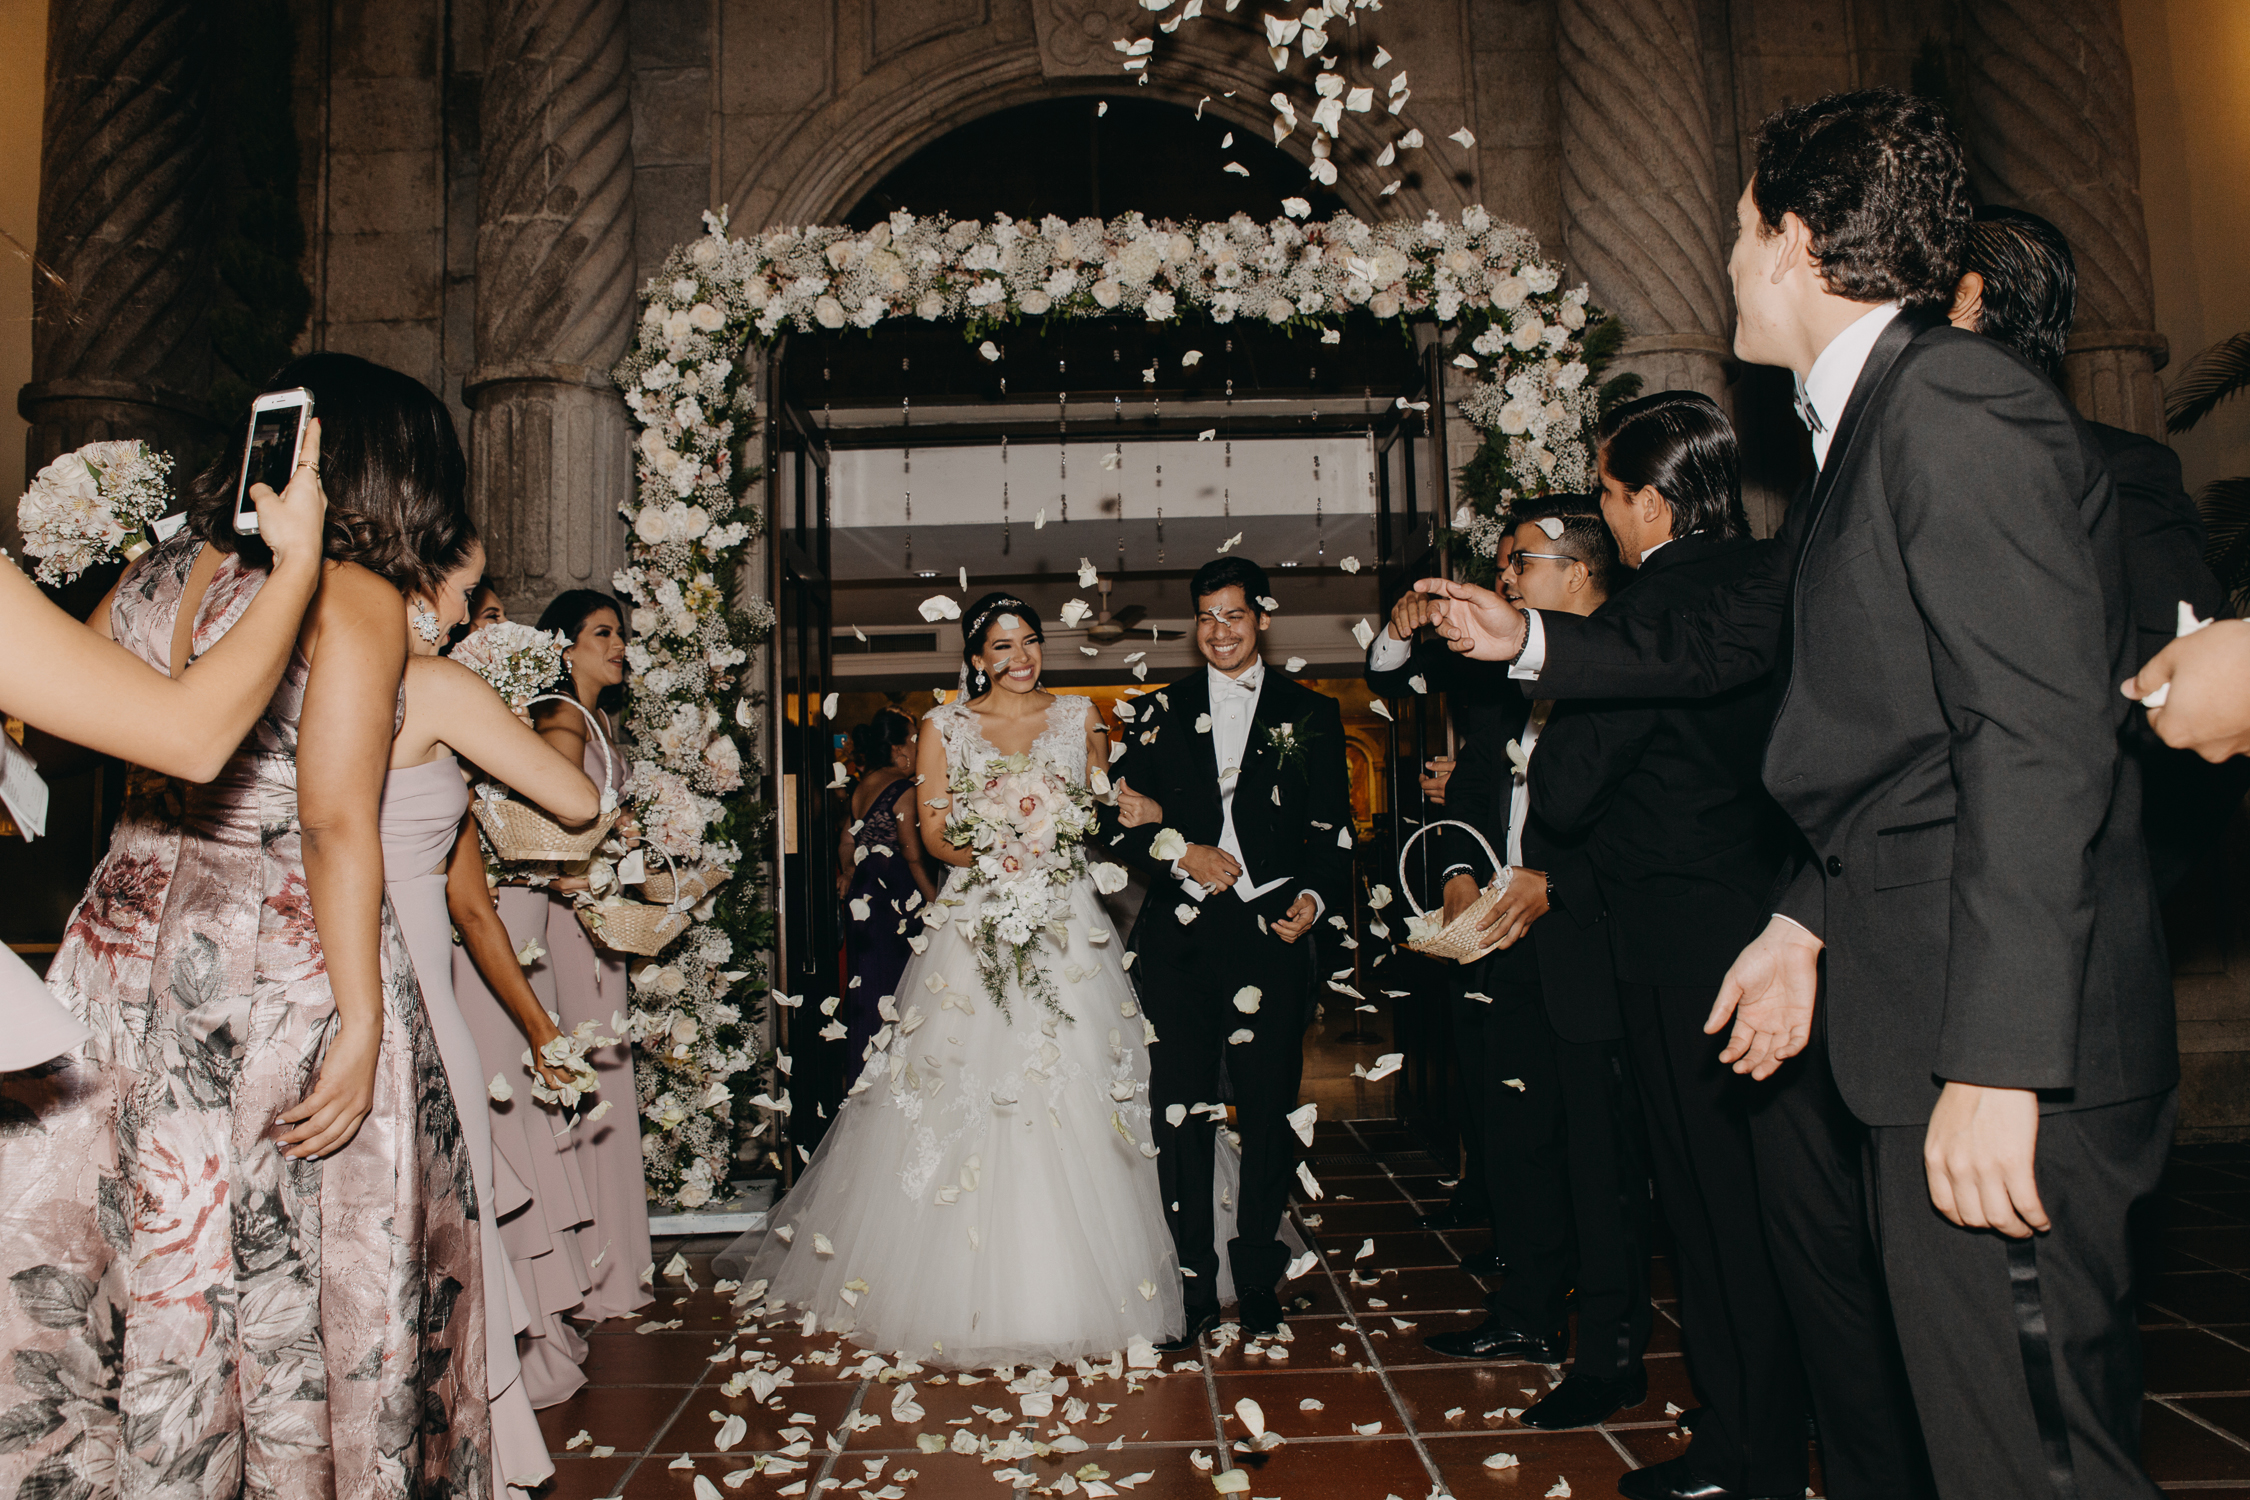 Michelle-Agurto-Fotografia-Bodas-Ecuador-Destination-Wedding-Photographer-Patricia-Guido-131.JPG